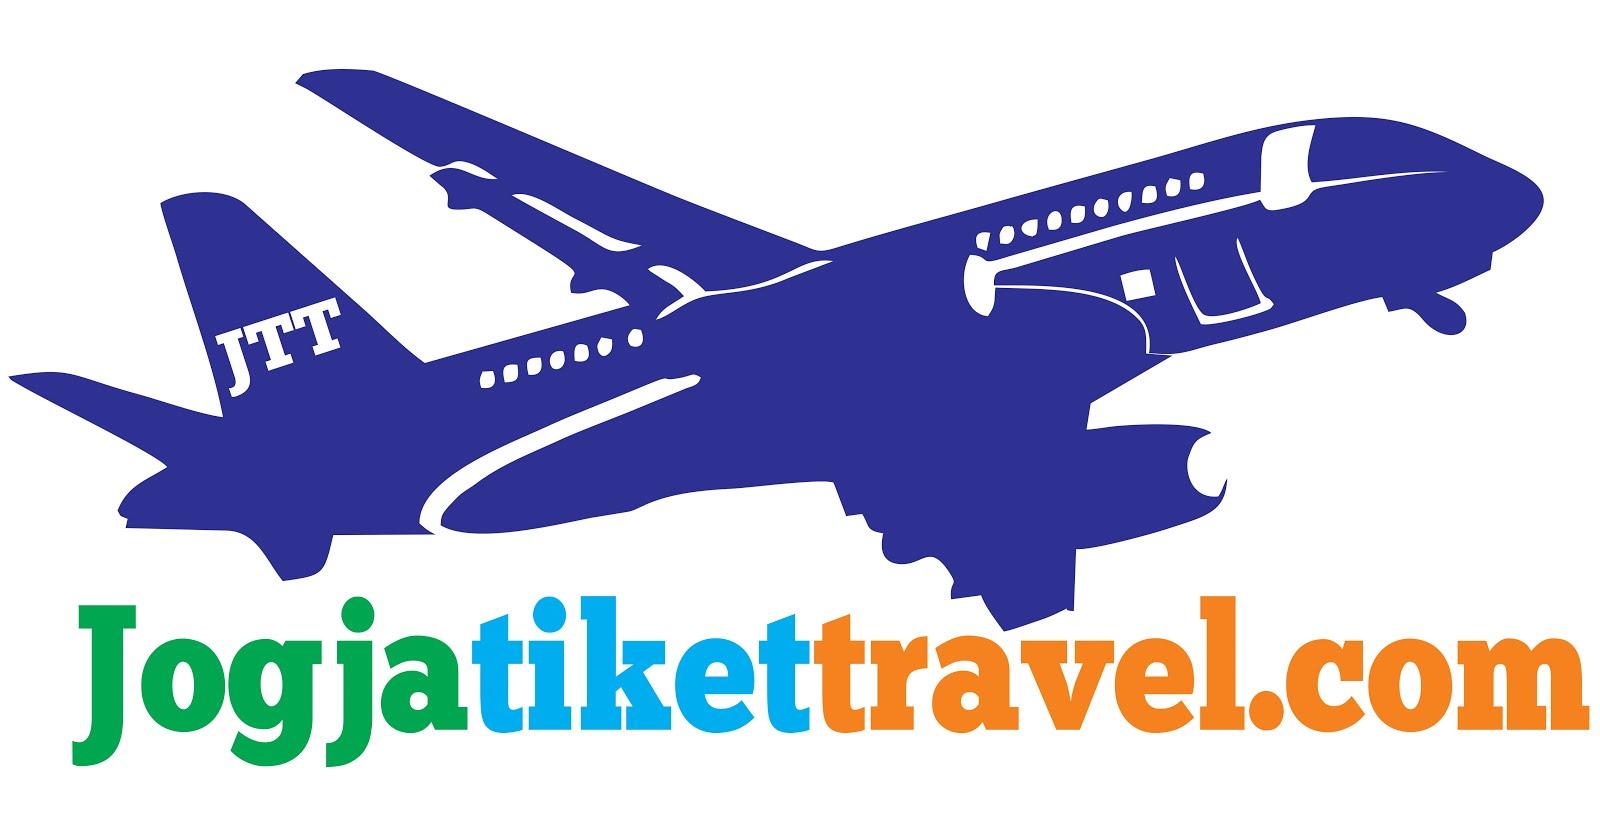 Daftar Jadi Agen Tiket Pesawat